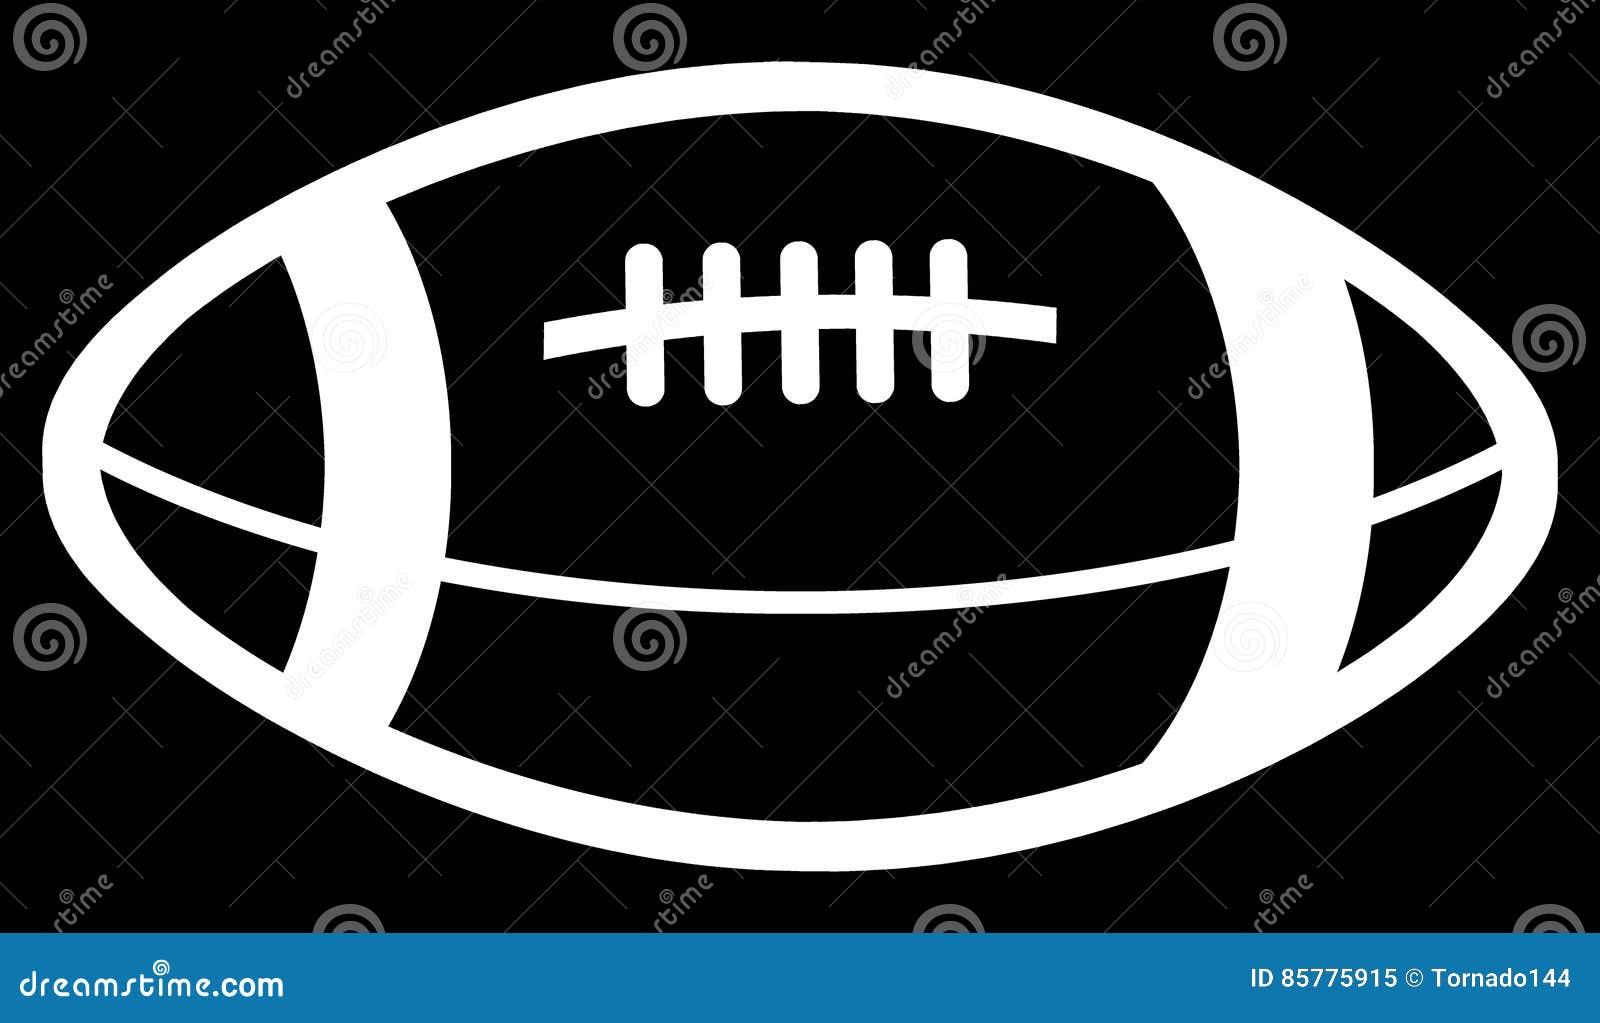 Dessin simple d 39 une boule de football am ricain de couleur blanche illustration stock - Dessin football americain ...